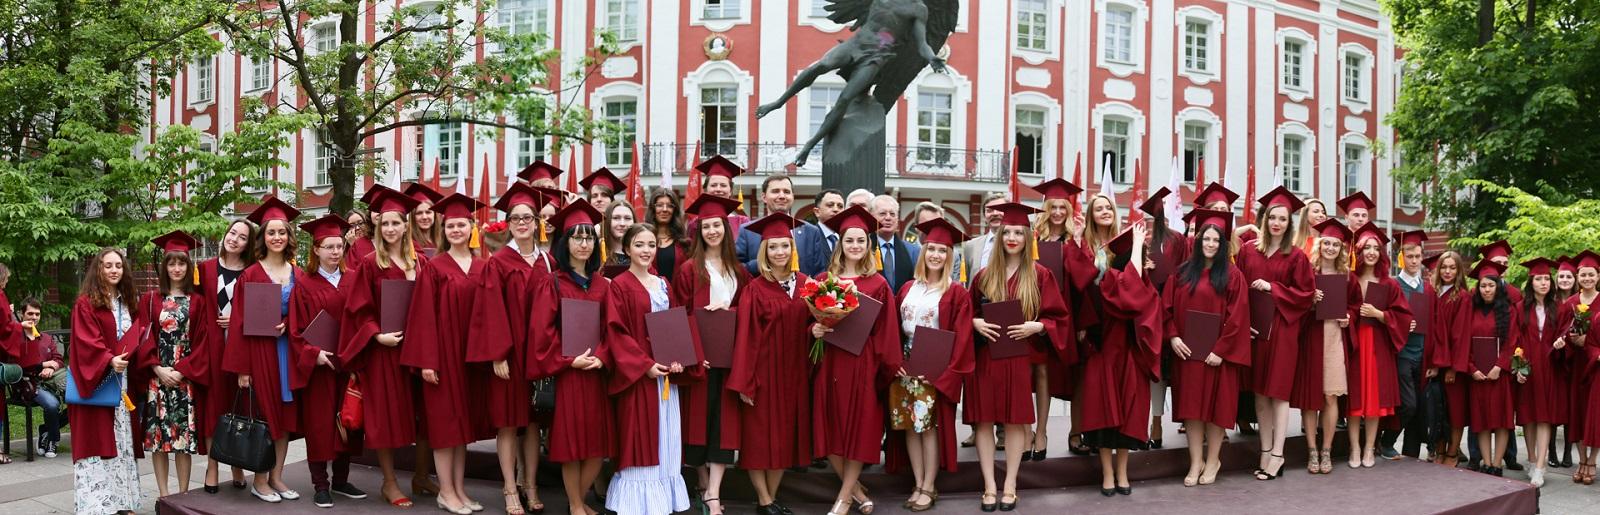 外国学生在俄罗斯更容易获得居留许可 ,移民更加简单! - importnews - 俄罗斯留学, 俄罗斯 - 俄罗斯留学 - 俄罗斯留学机构 - 留学俄罗斯 - 小狮座留学